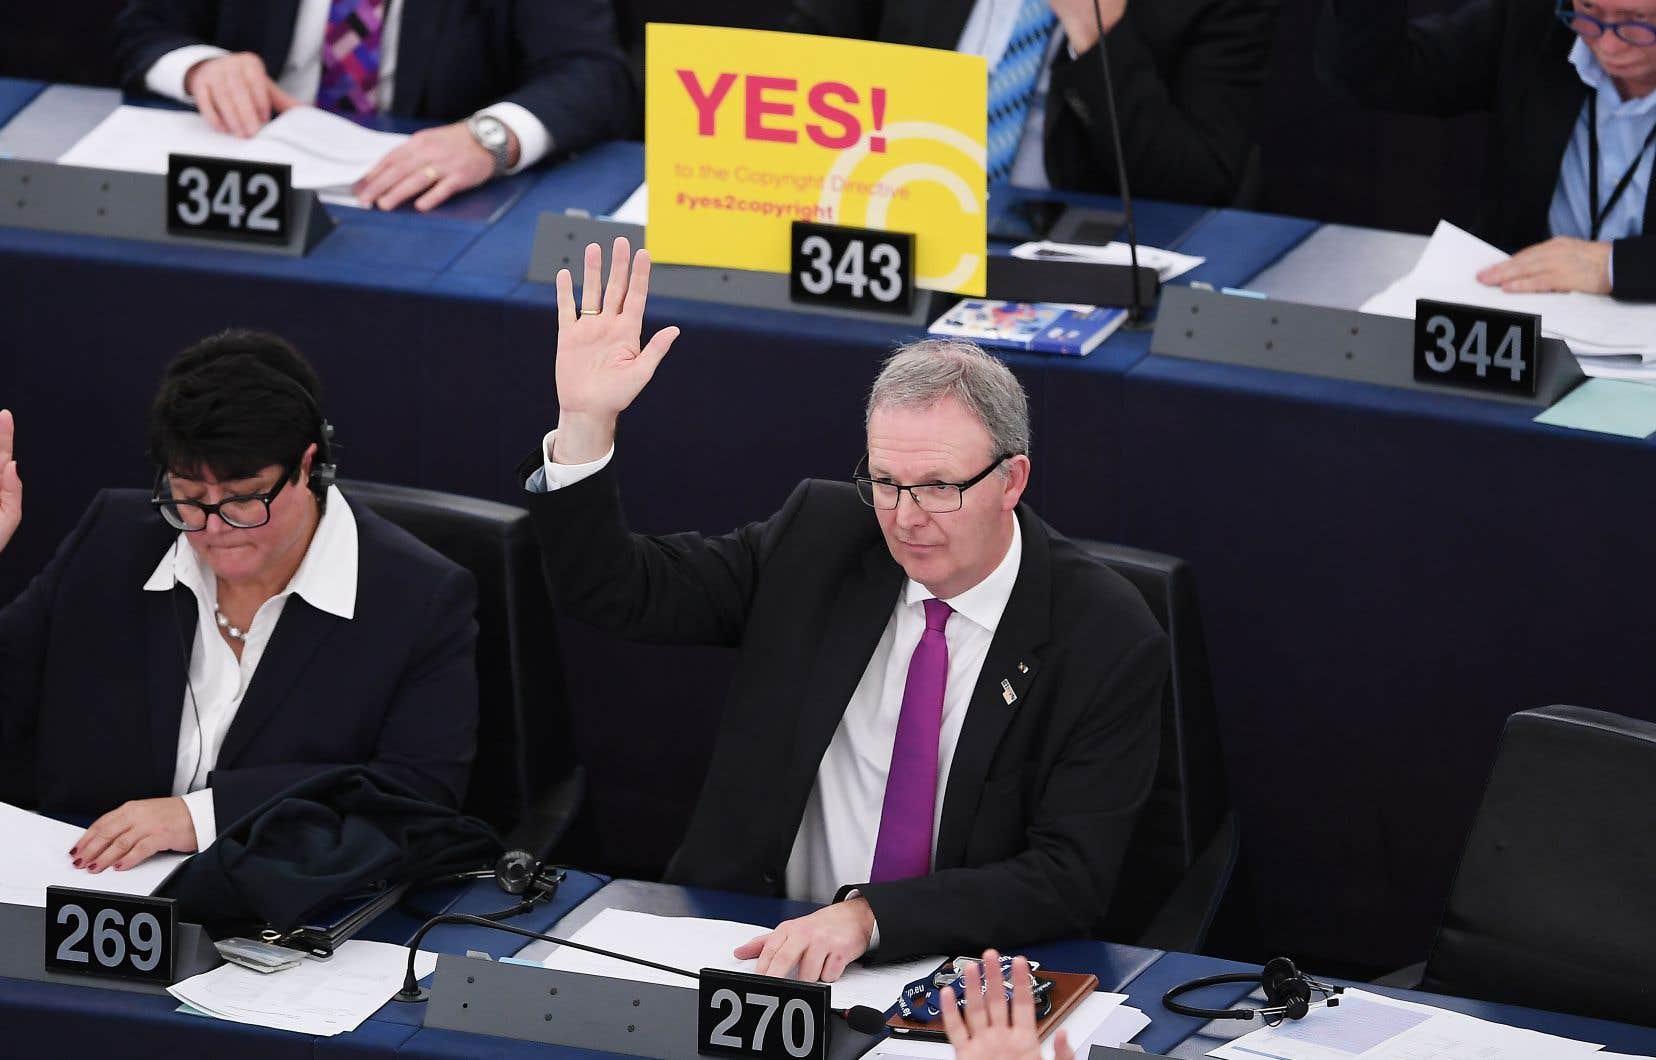 Le député européen Axel Voss pendant le vote